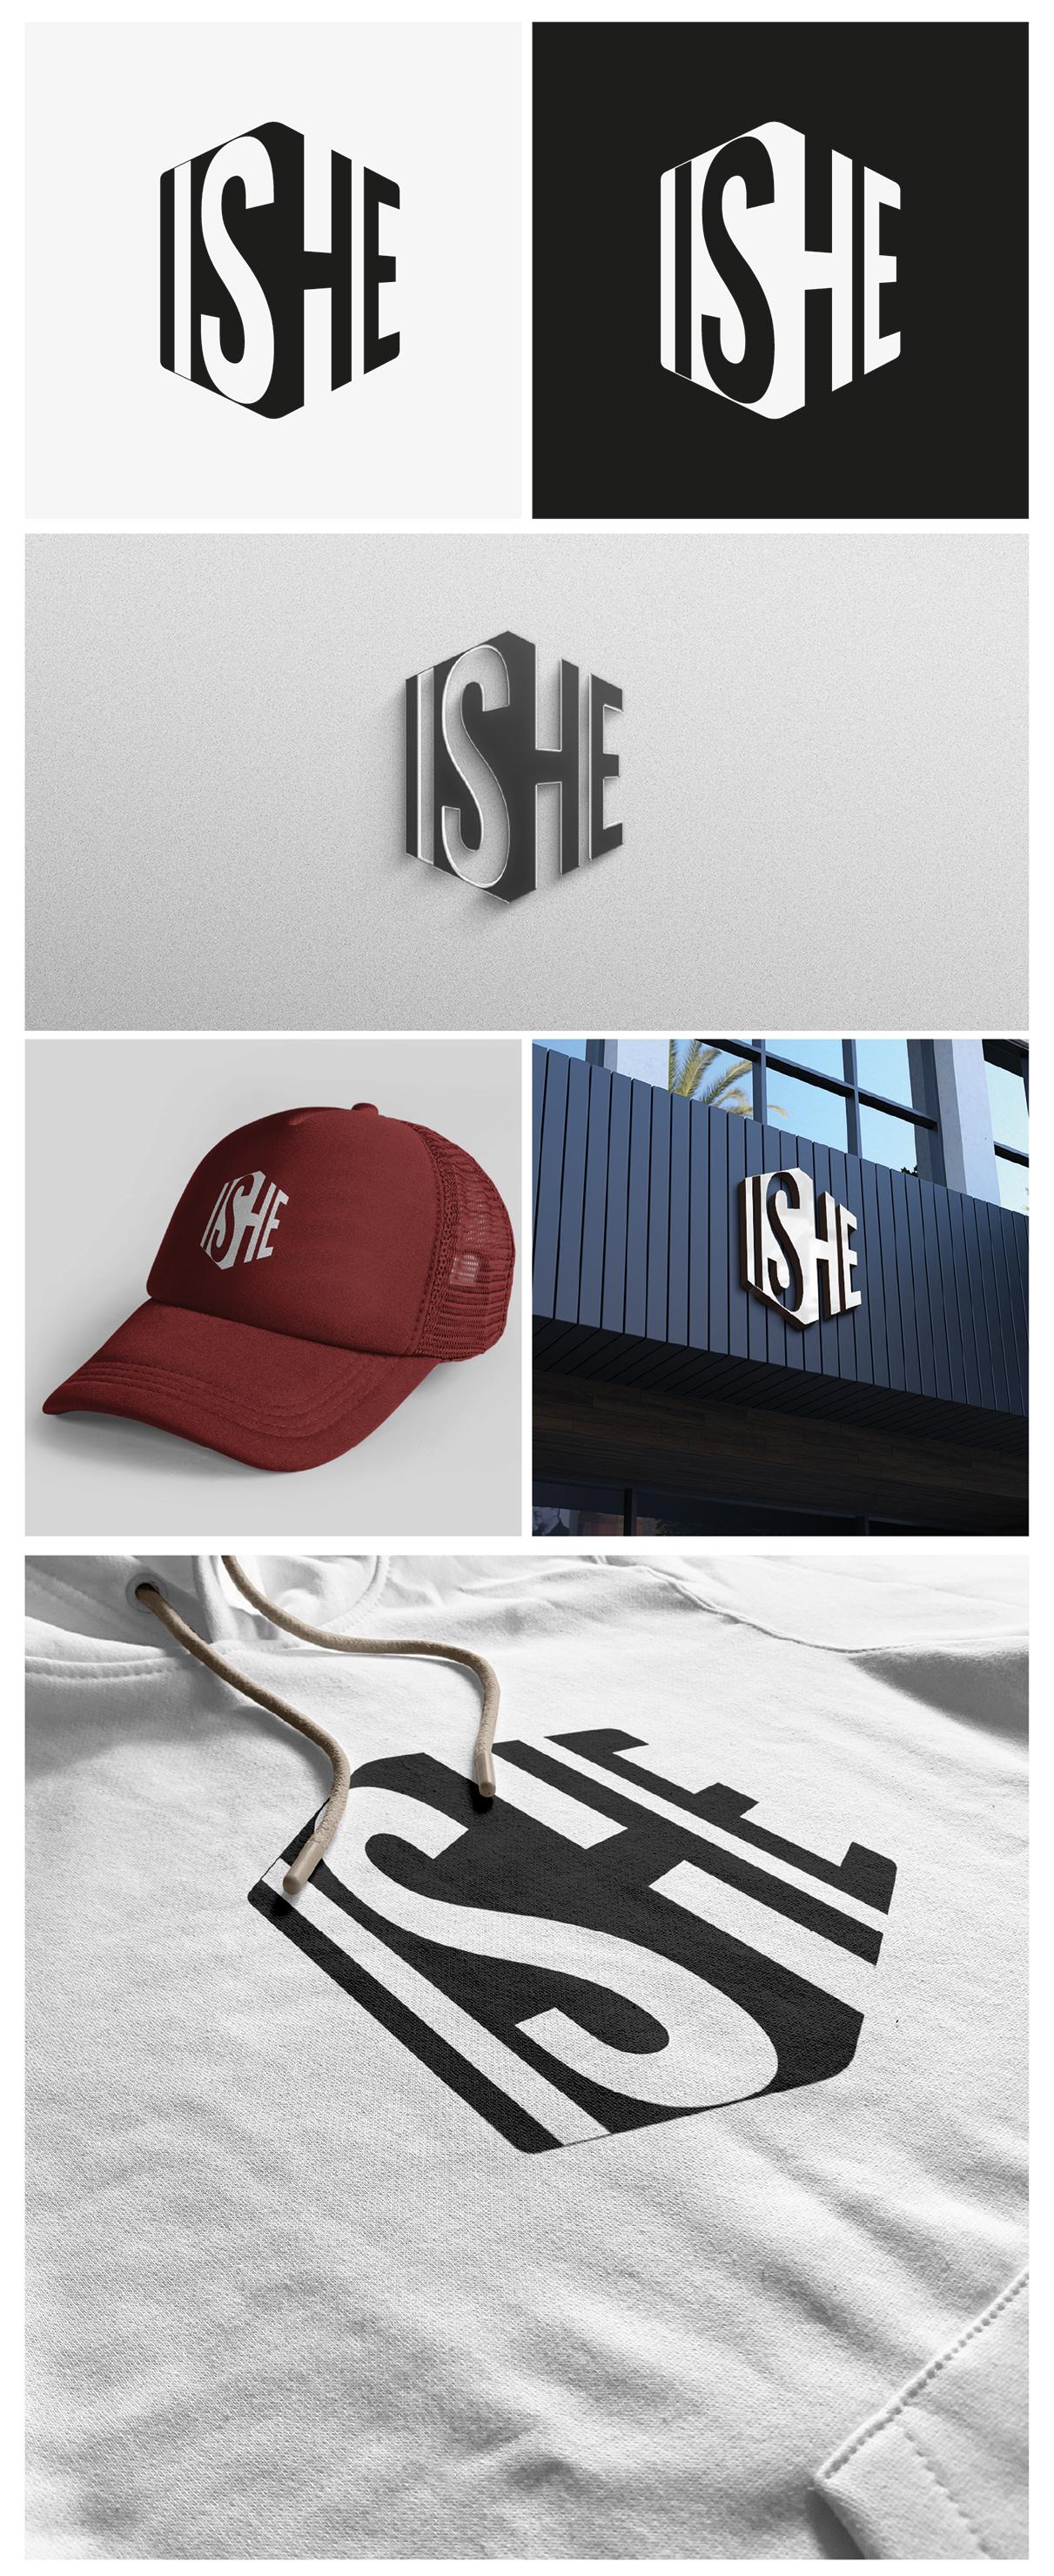 """Создать логотип для торговой марки """"IShe"""" фото f_5136019096a9af1d.jpg"""